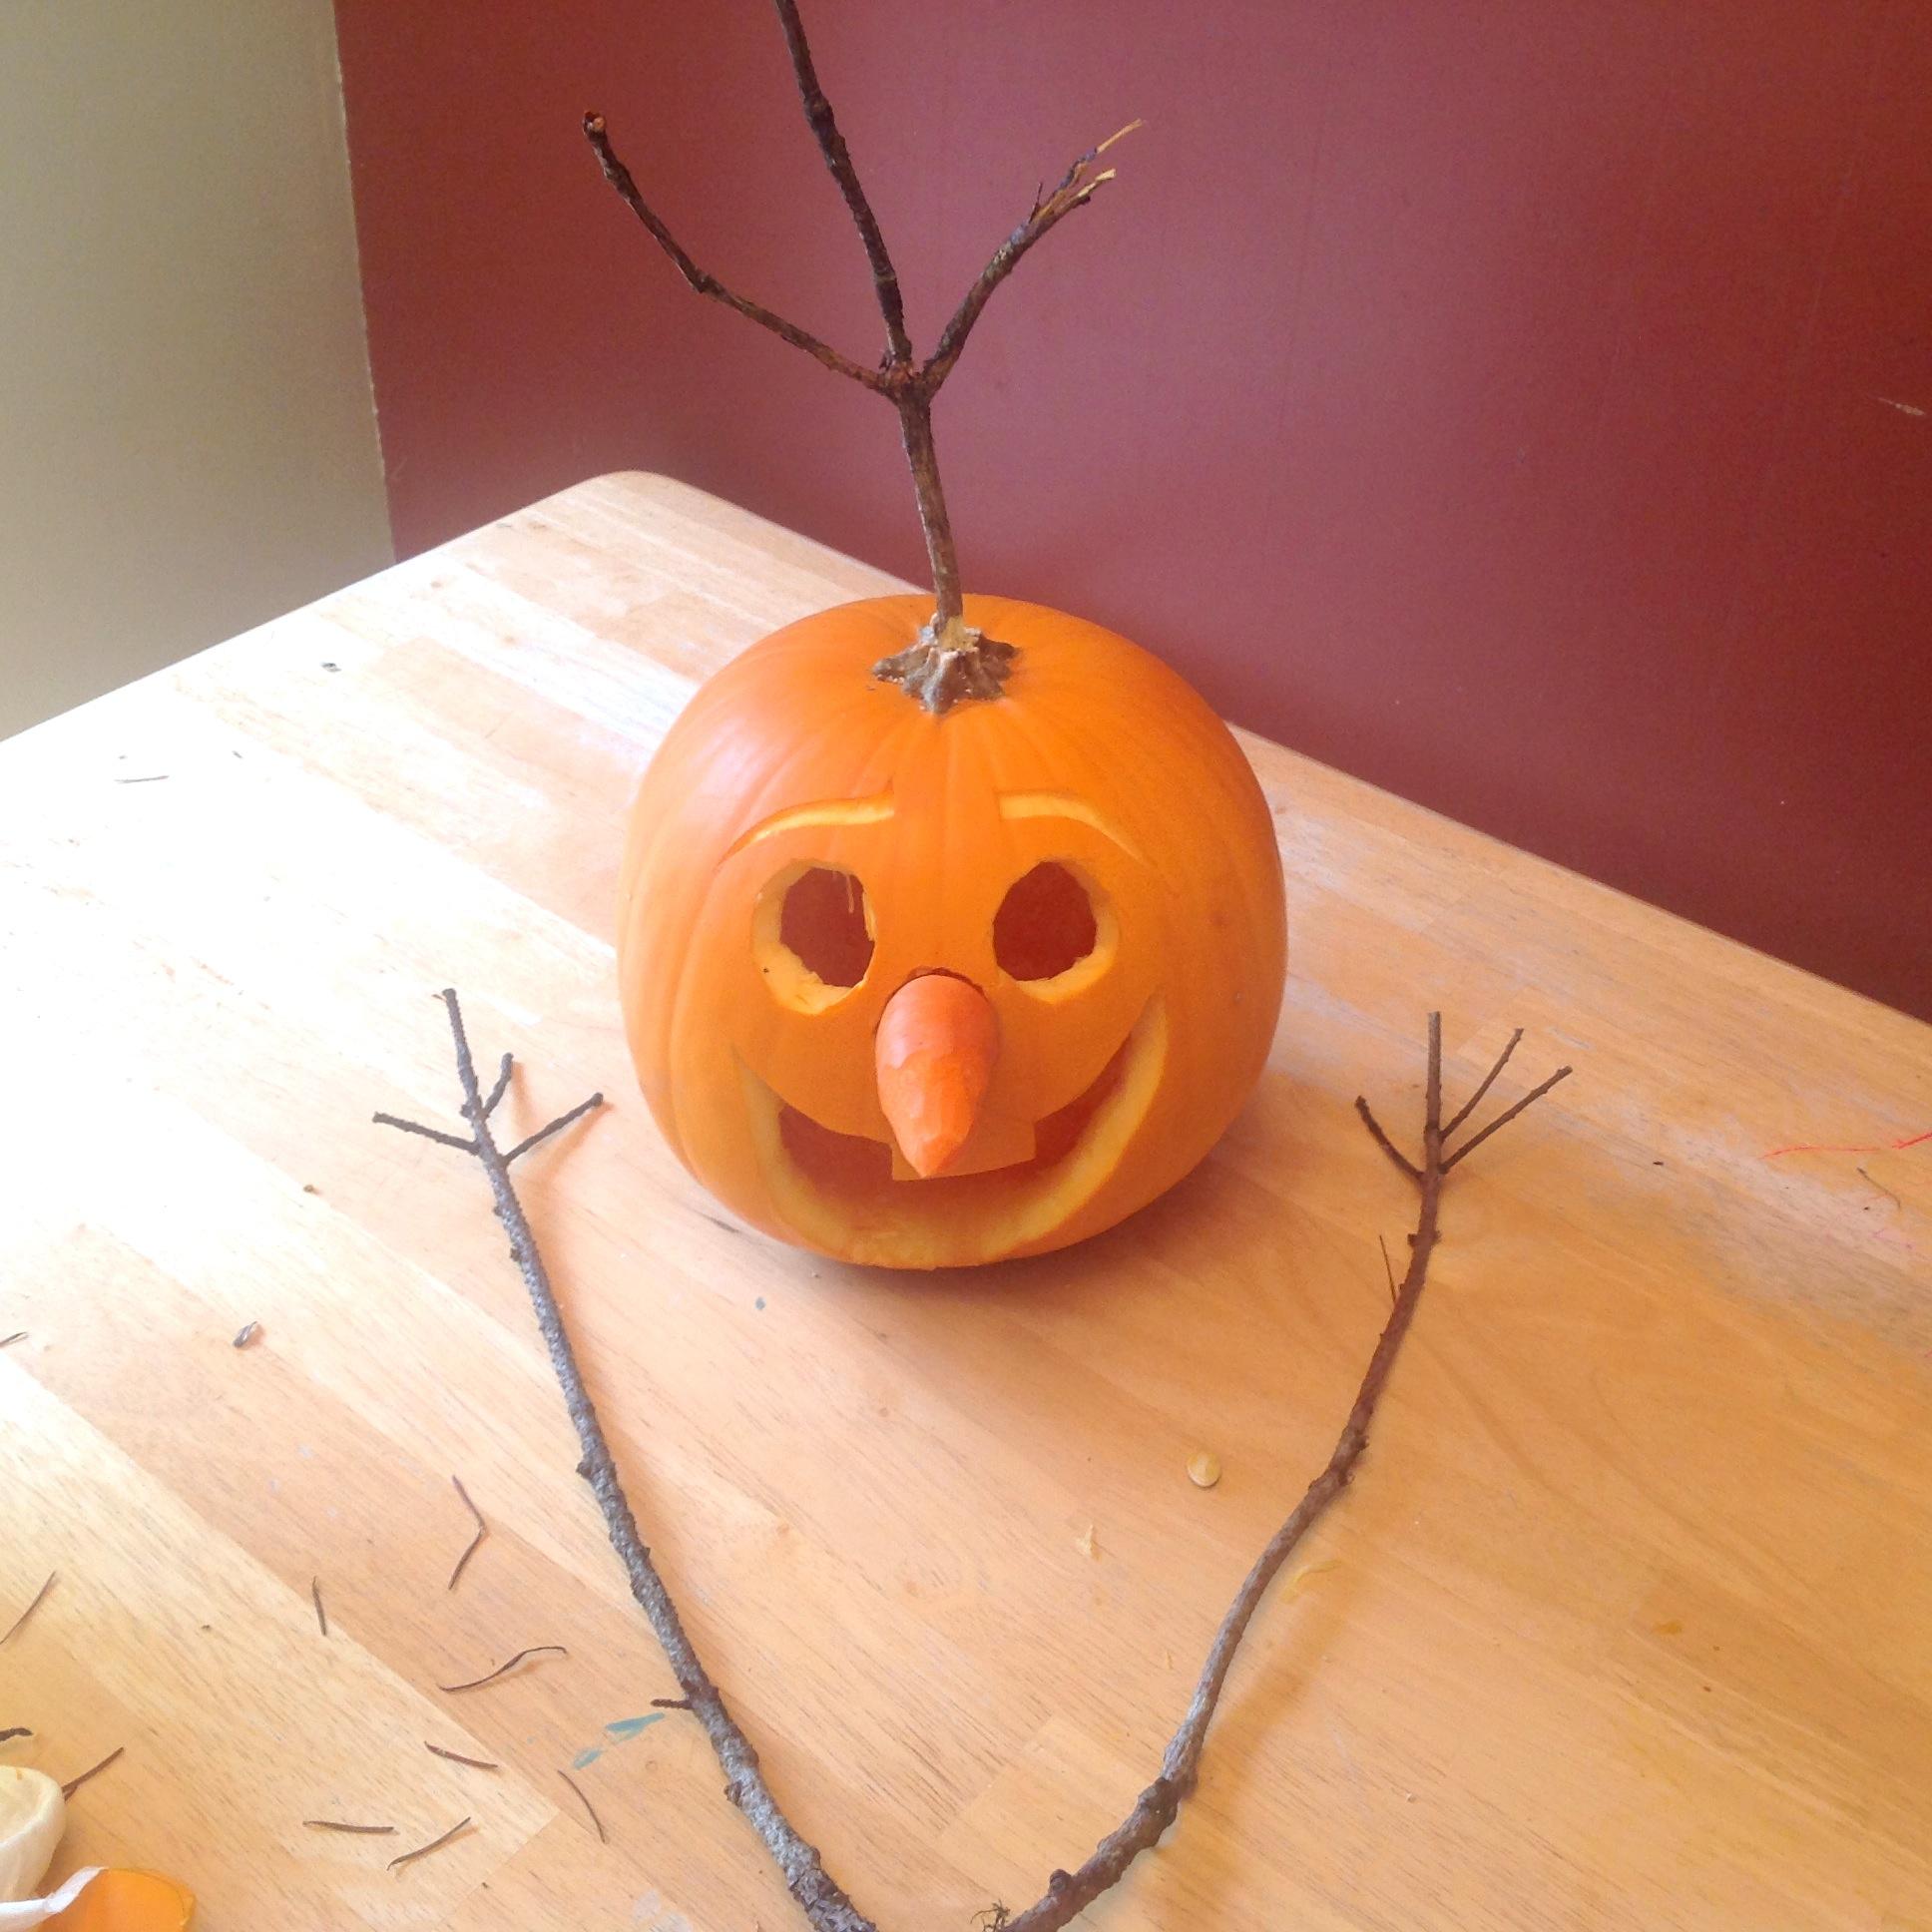 Do You Want To Build A Jack O Lantern Olaf Pumpkin